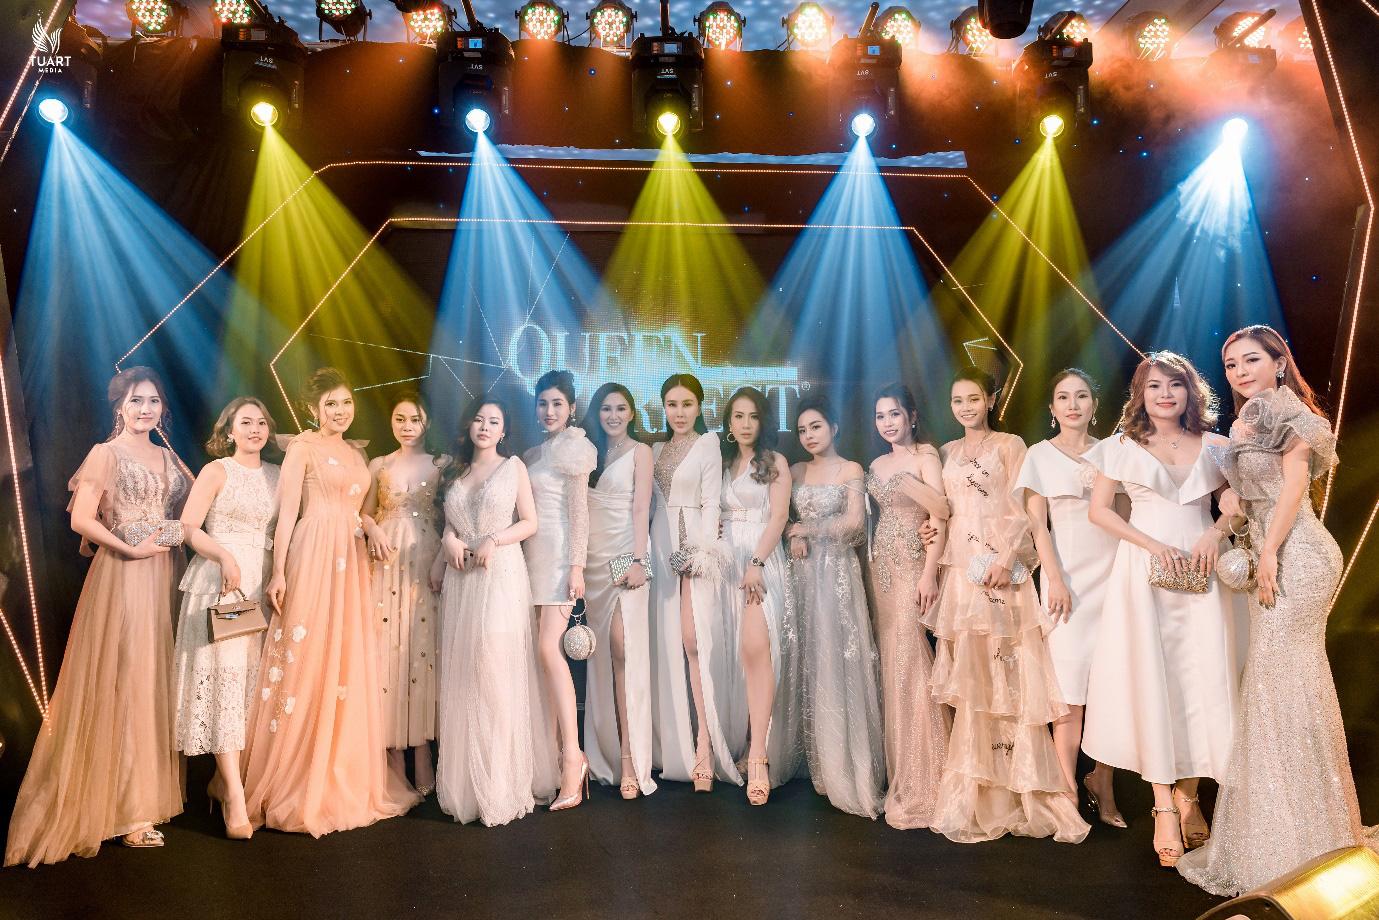 Lễ ra mắt cực đỉnh của mỹ phẩm Hemia: Quy tụ dàn sao khủng showbiz Việt - Ảnh 5.